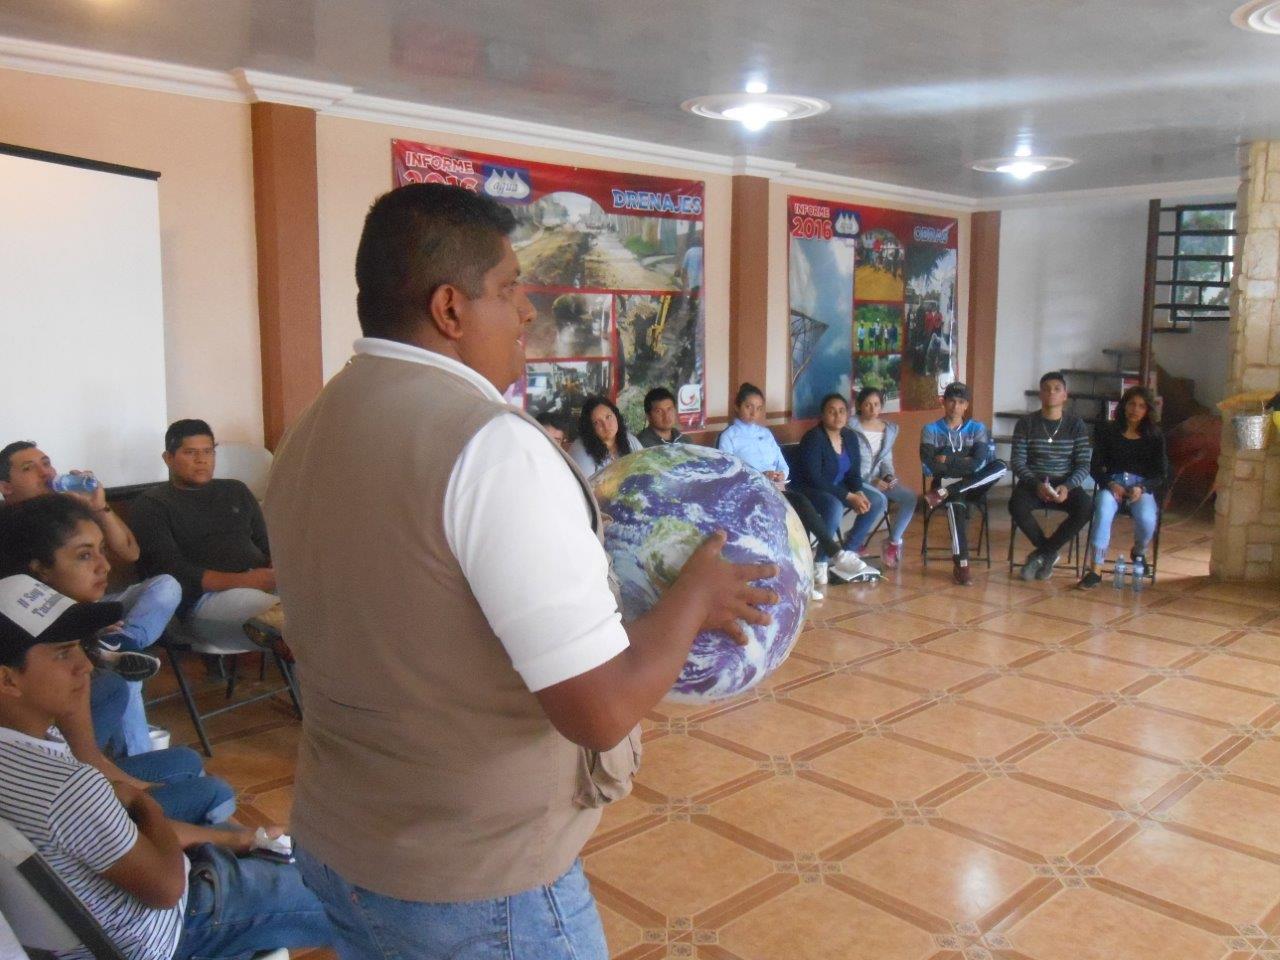 ESTUDIANTES RECIBEN TALLERES DEL CUIDADO DEL AGUA